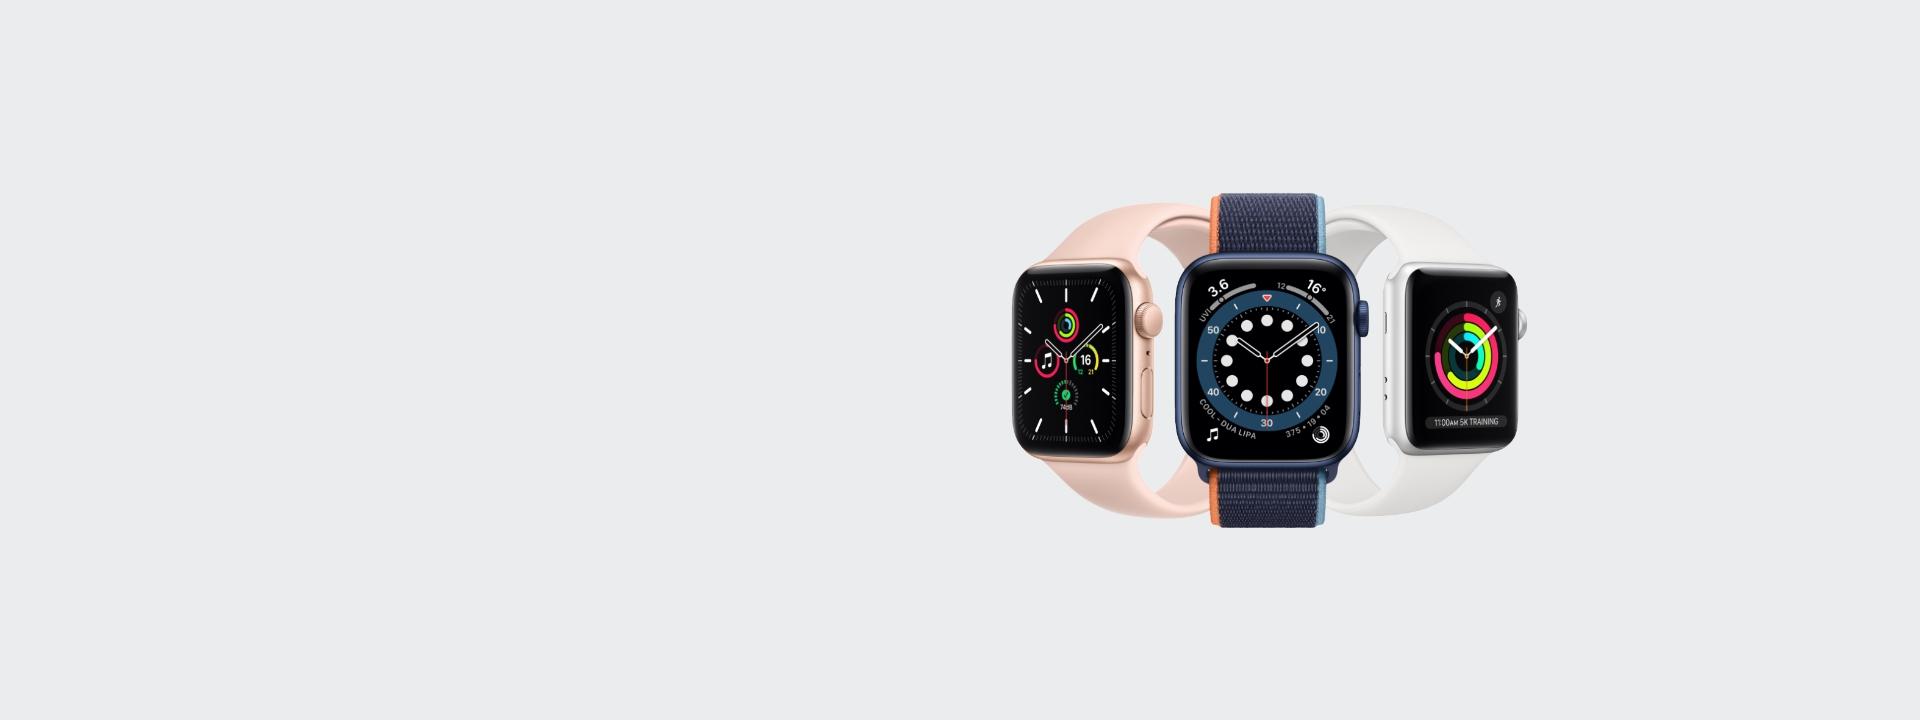 Apple Watch Series 6 - Apple Watch SE - Apple Watch für Unternehmen-2